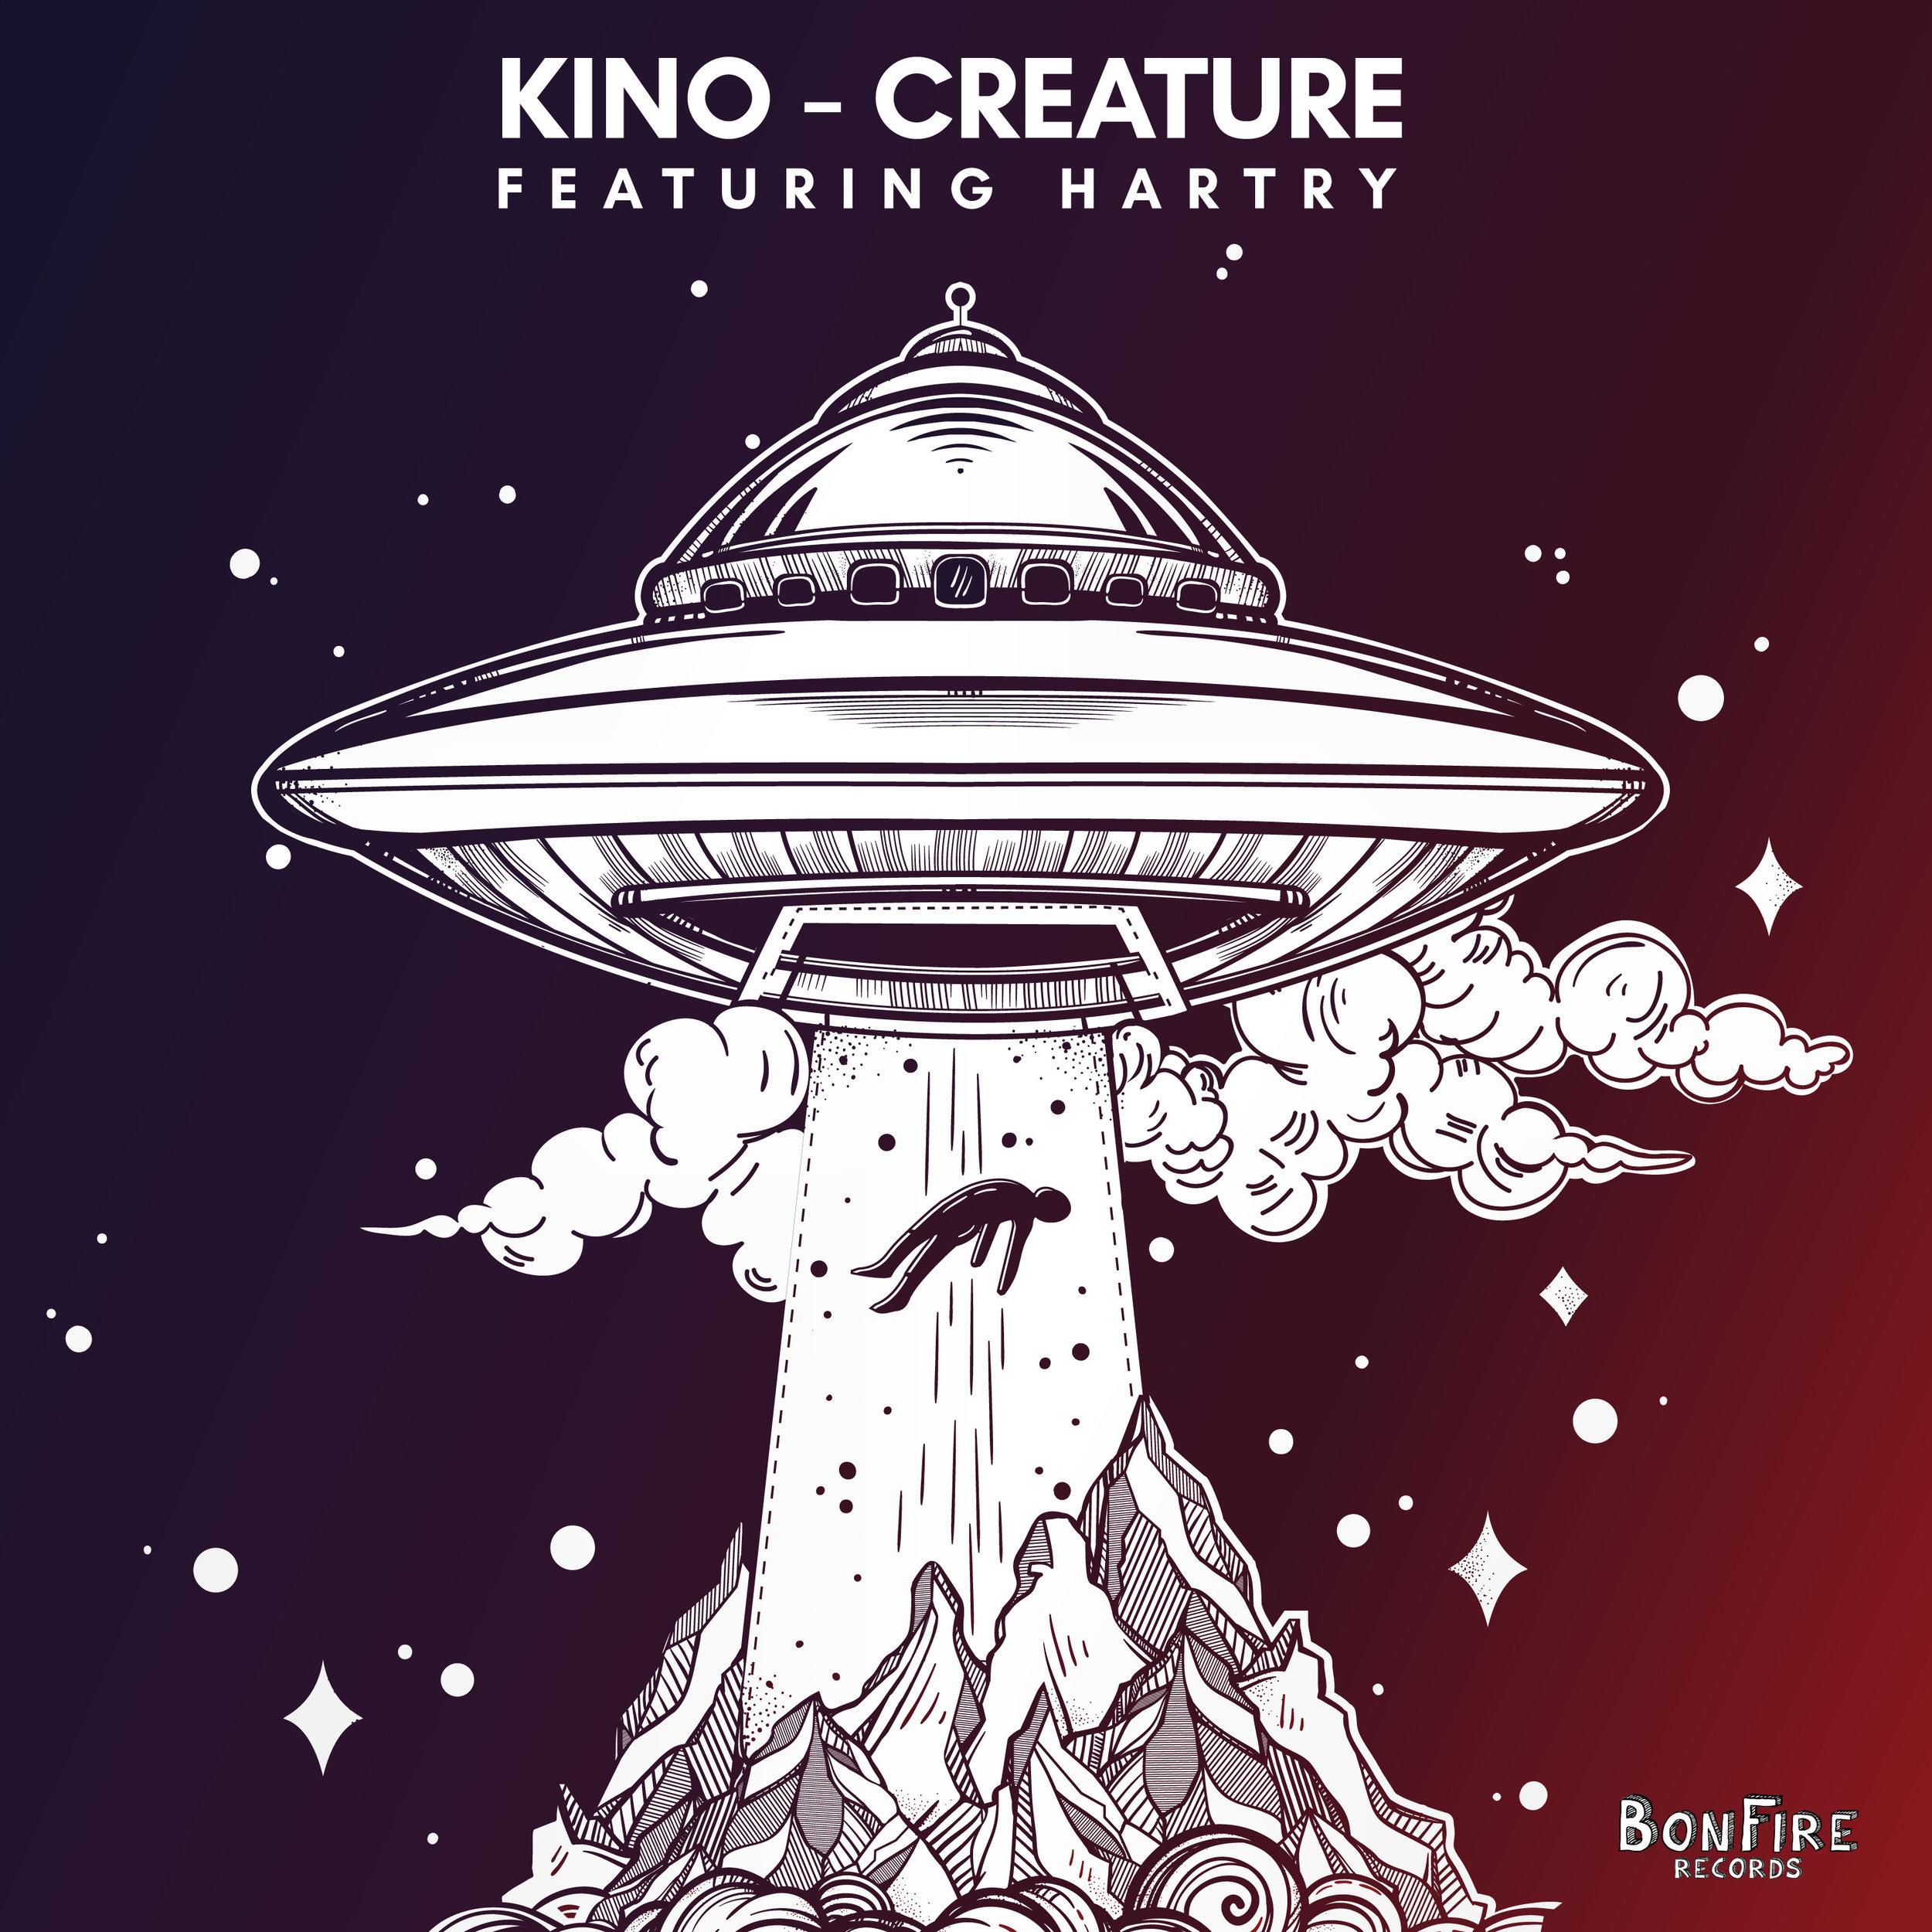 KINO - Creature (Artwork)loho.jpg